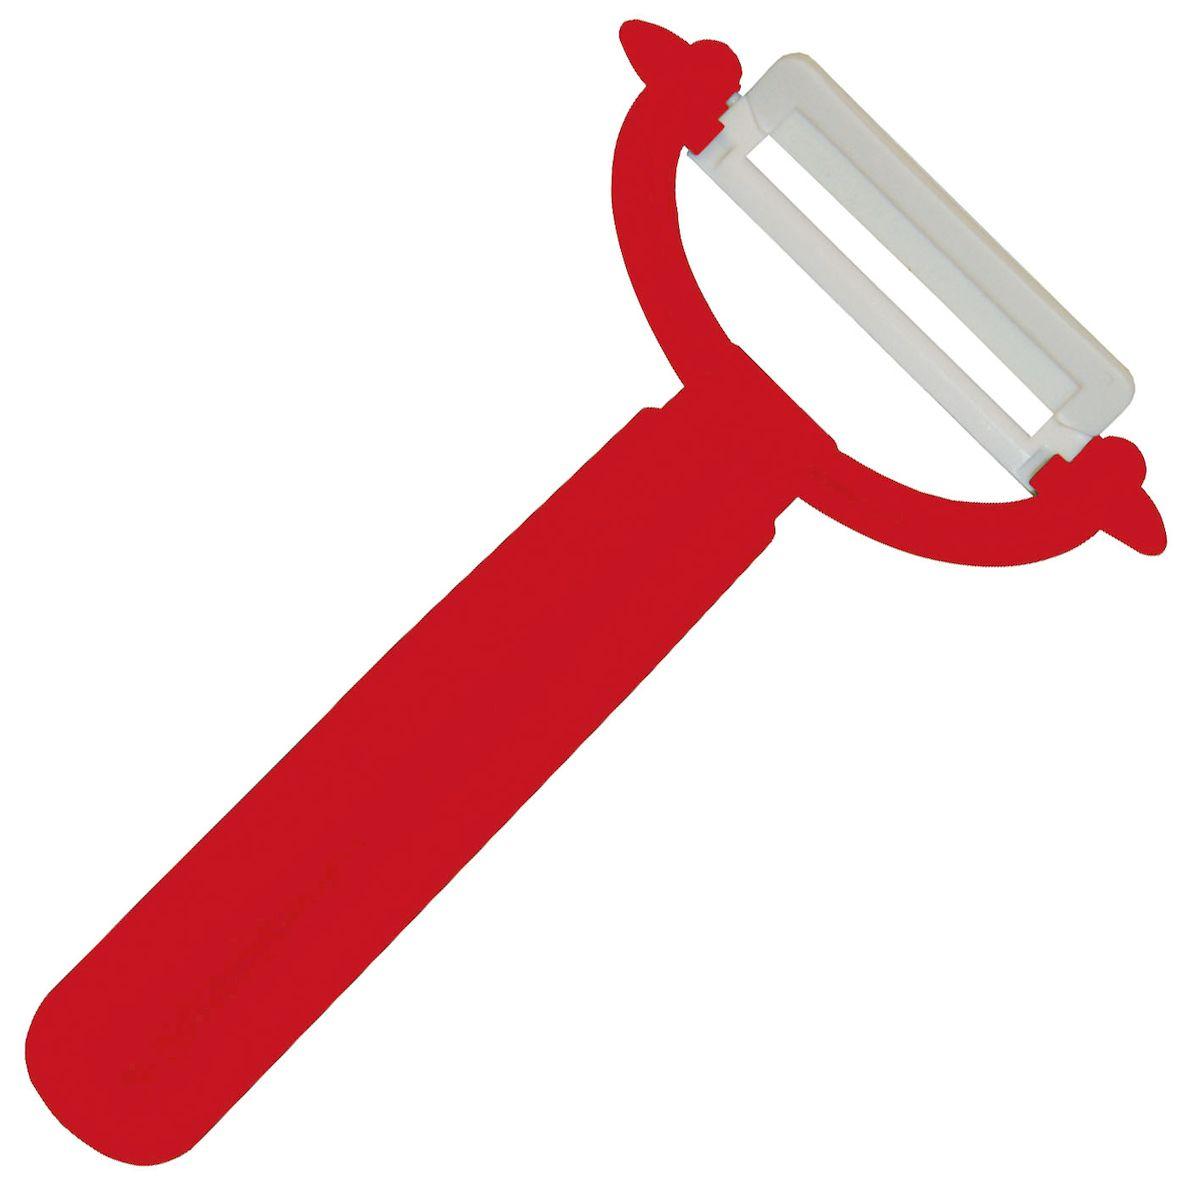 Овощечистка Axentia, цвет: красный, белый, длина 15 см200597Овощечистка Axentia выполнена из керамики и пластика. Очень удобная ручка не позволит выскользнуть овощечистке из вашей руки. Удобная овощечистка Axentia поможет вам очень быстро и без особого усилия почистить овощи.Можно мыть в посудомоечной машине.Общая длина овощечистки: 15 см.